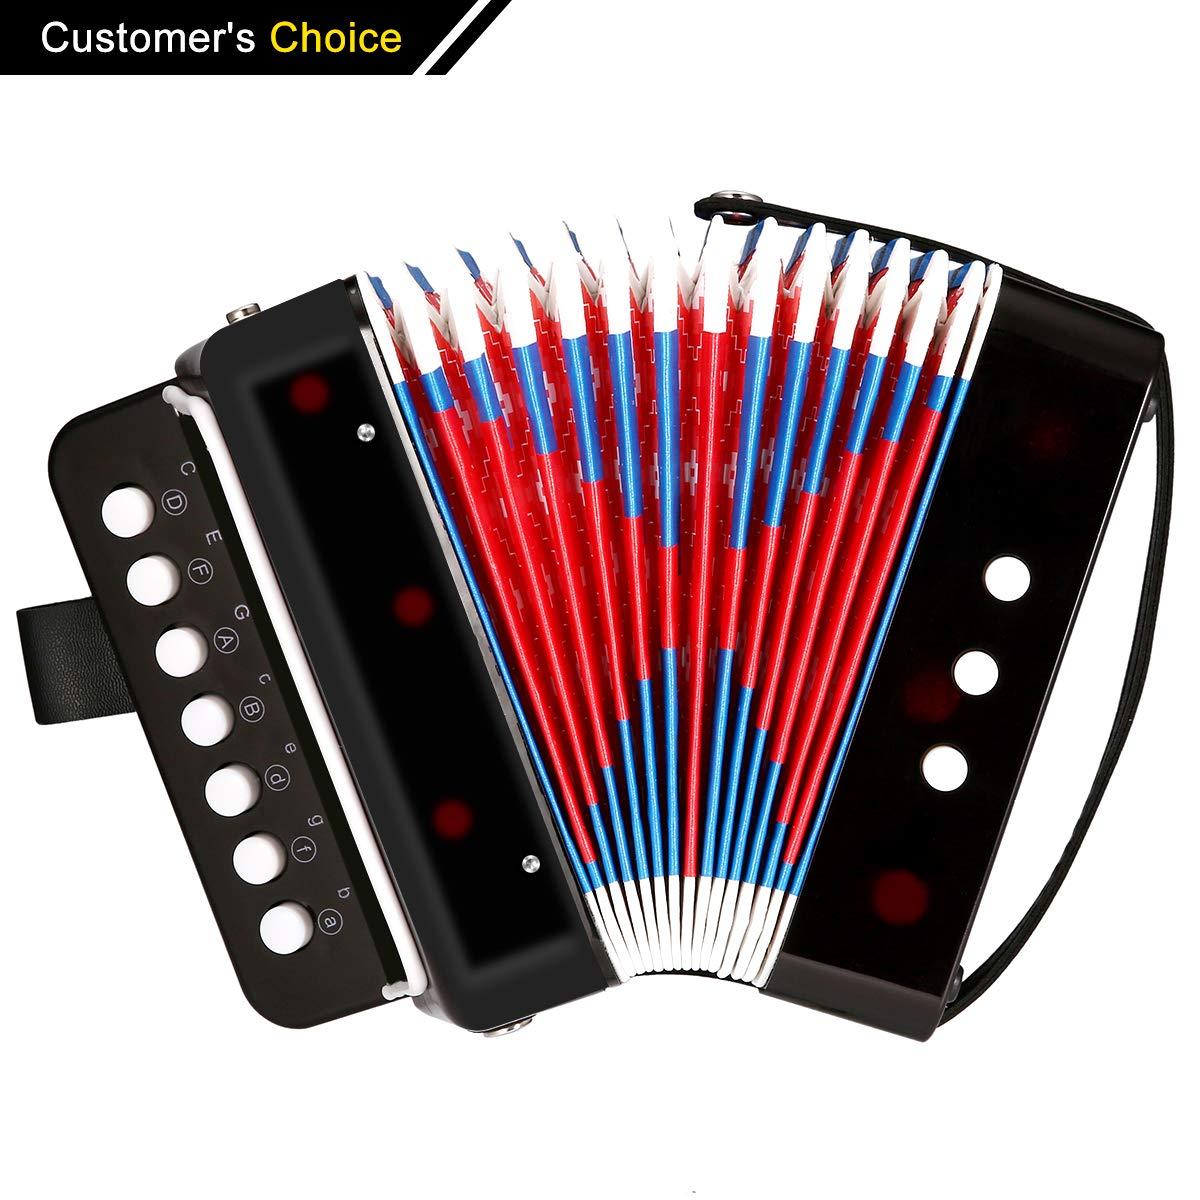 Acordeón negro, NASUM Mini Pequeño Acordeón del botón 10-Key Instrumento Musical Educativo Juguete de Rhythm Band para Niños NASUMpoxiglqefi94